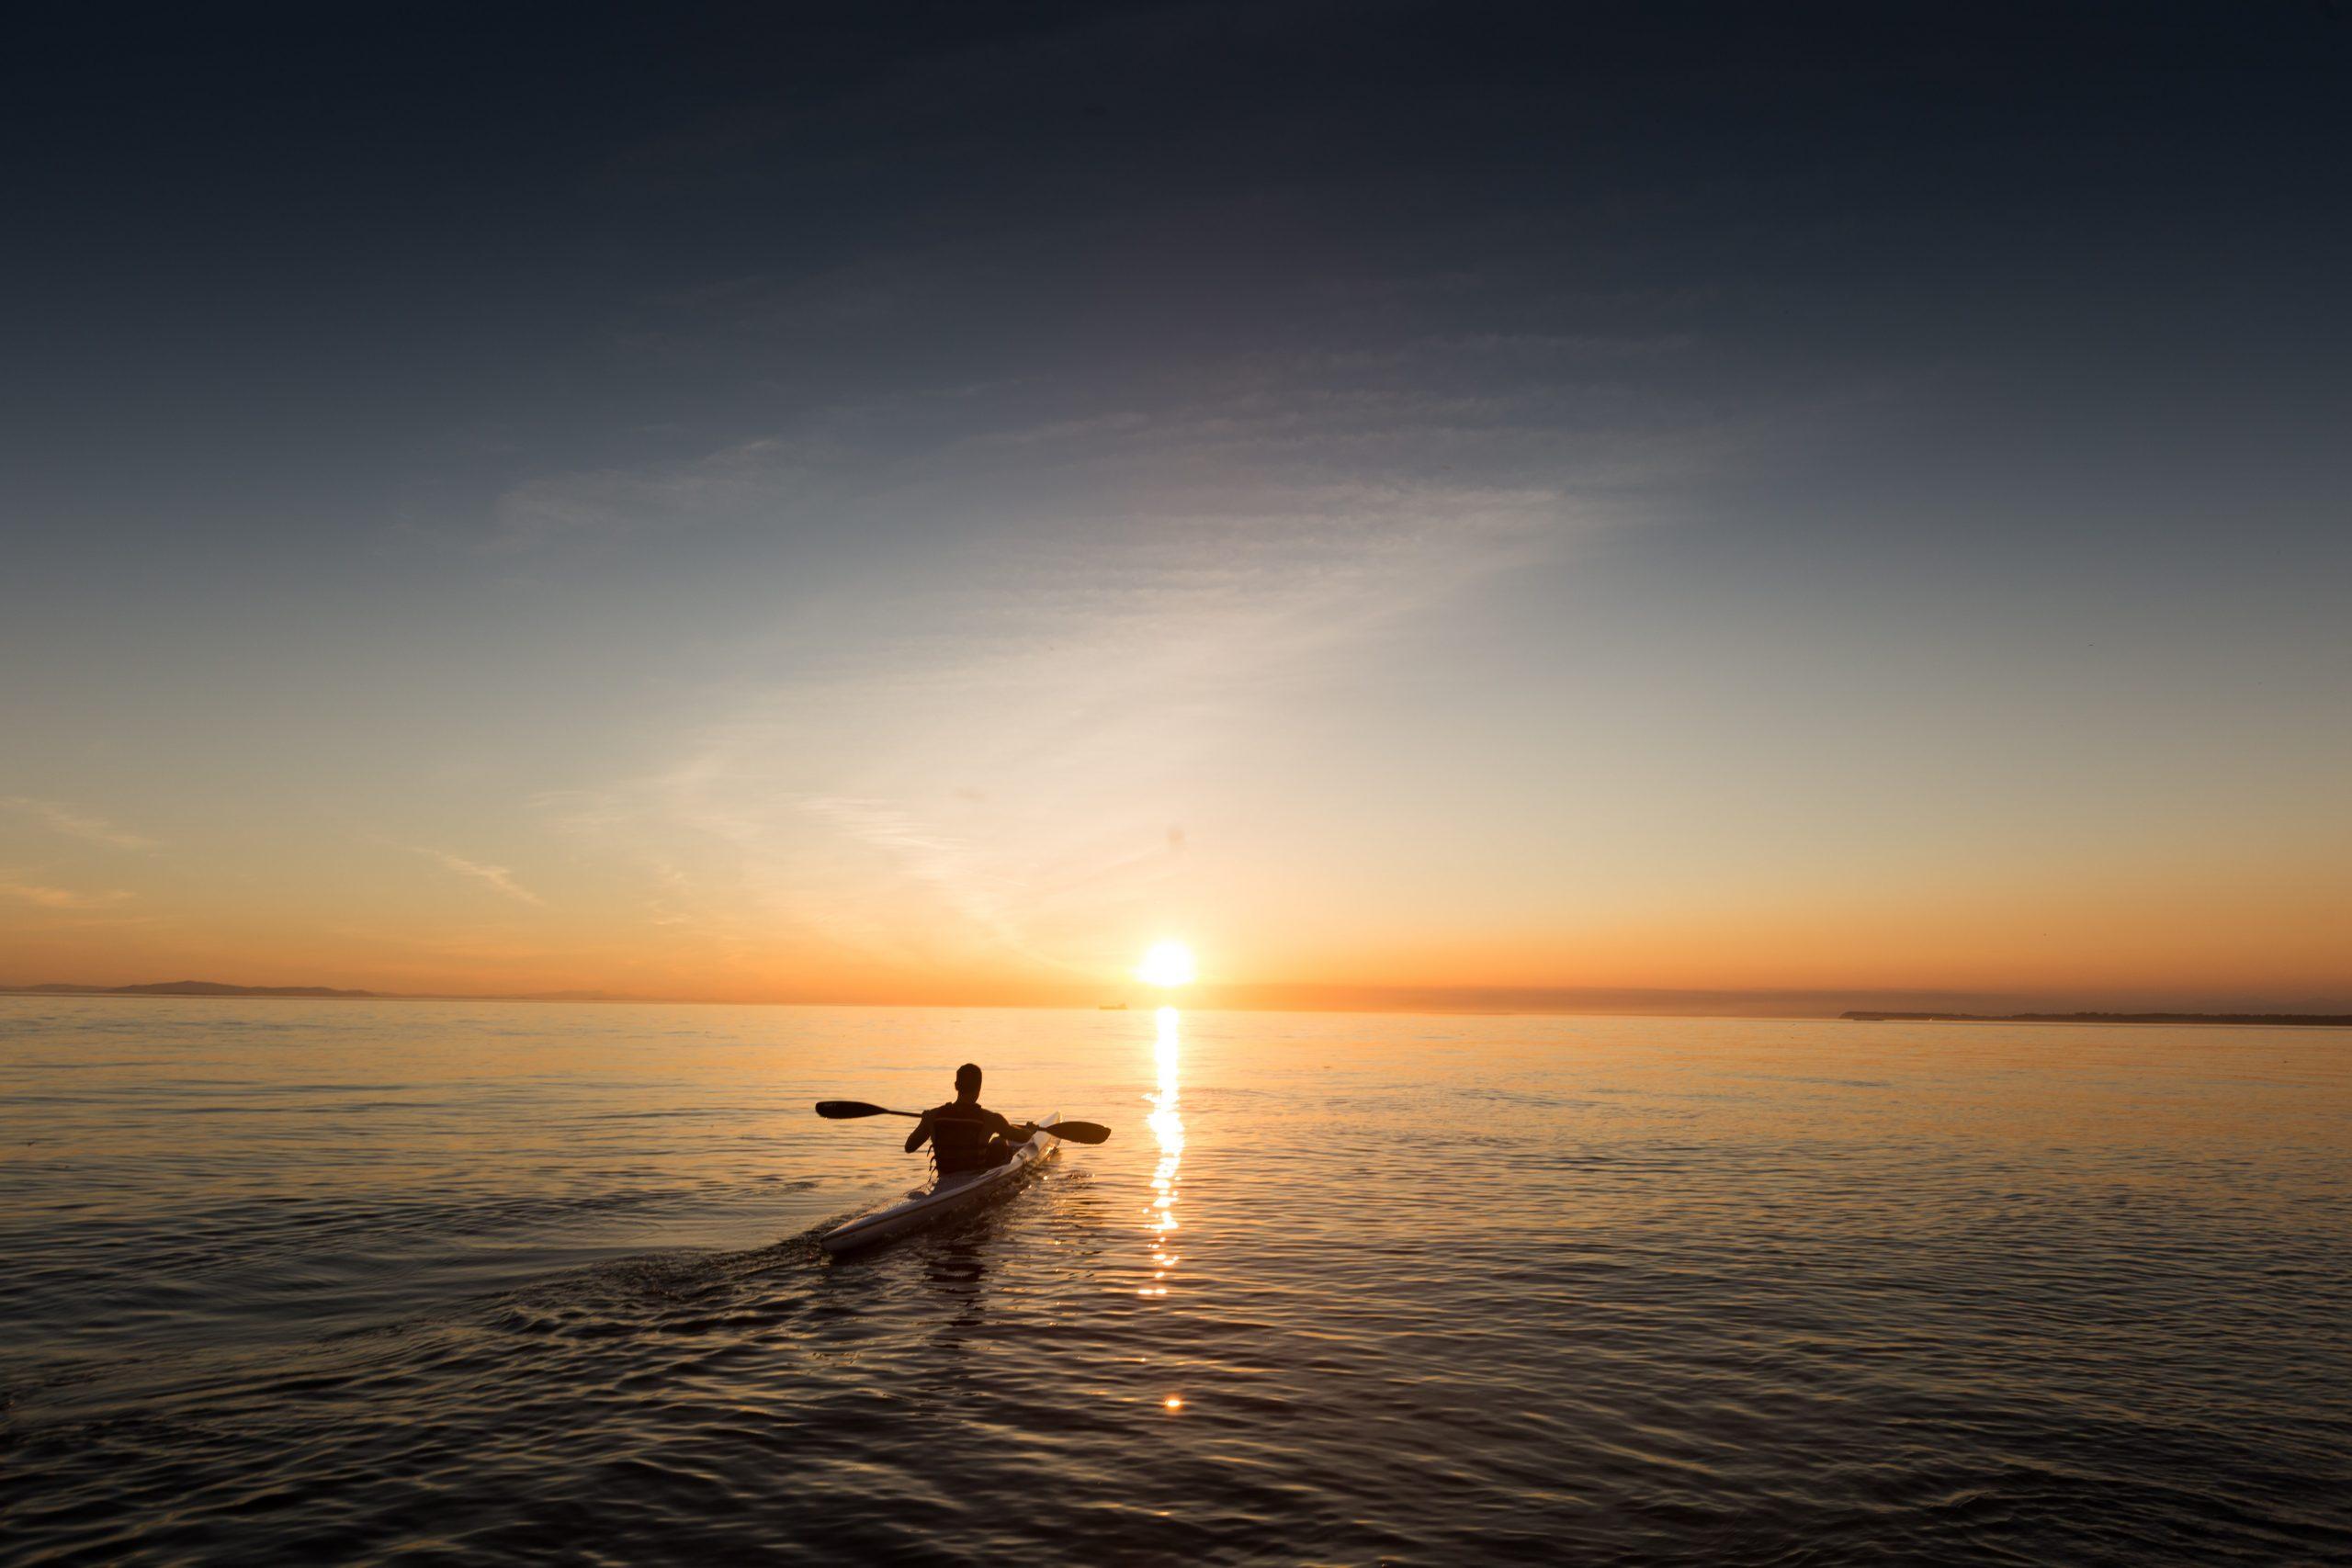 trak-kayaks-transportation